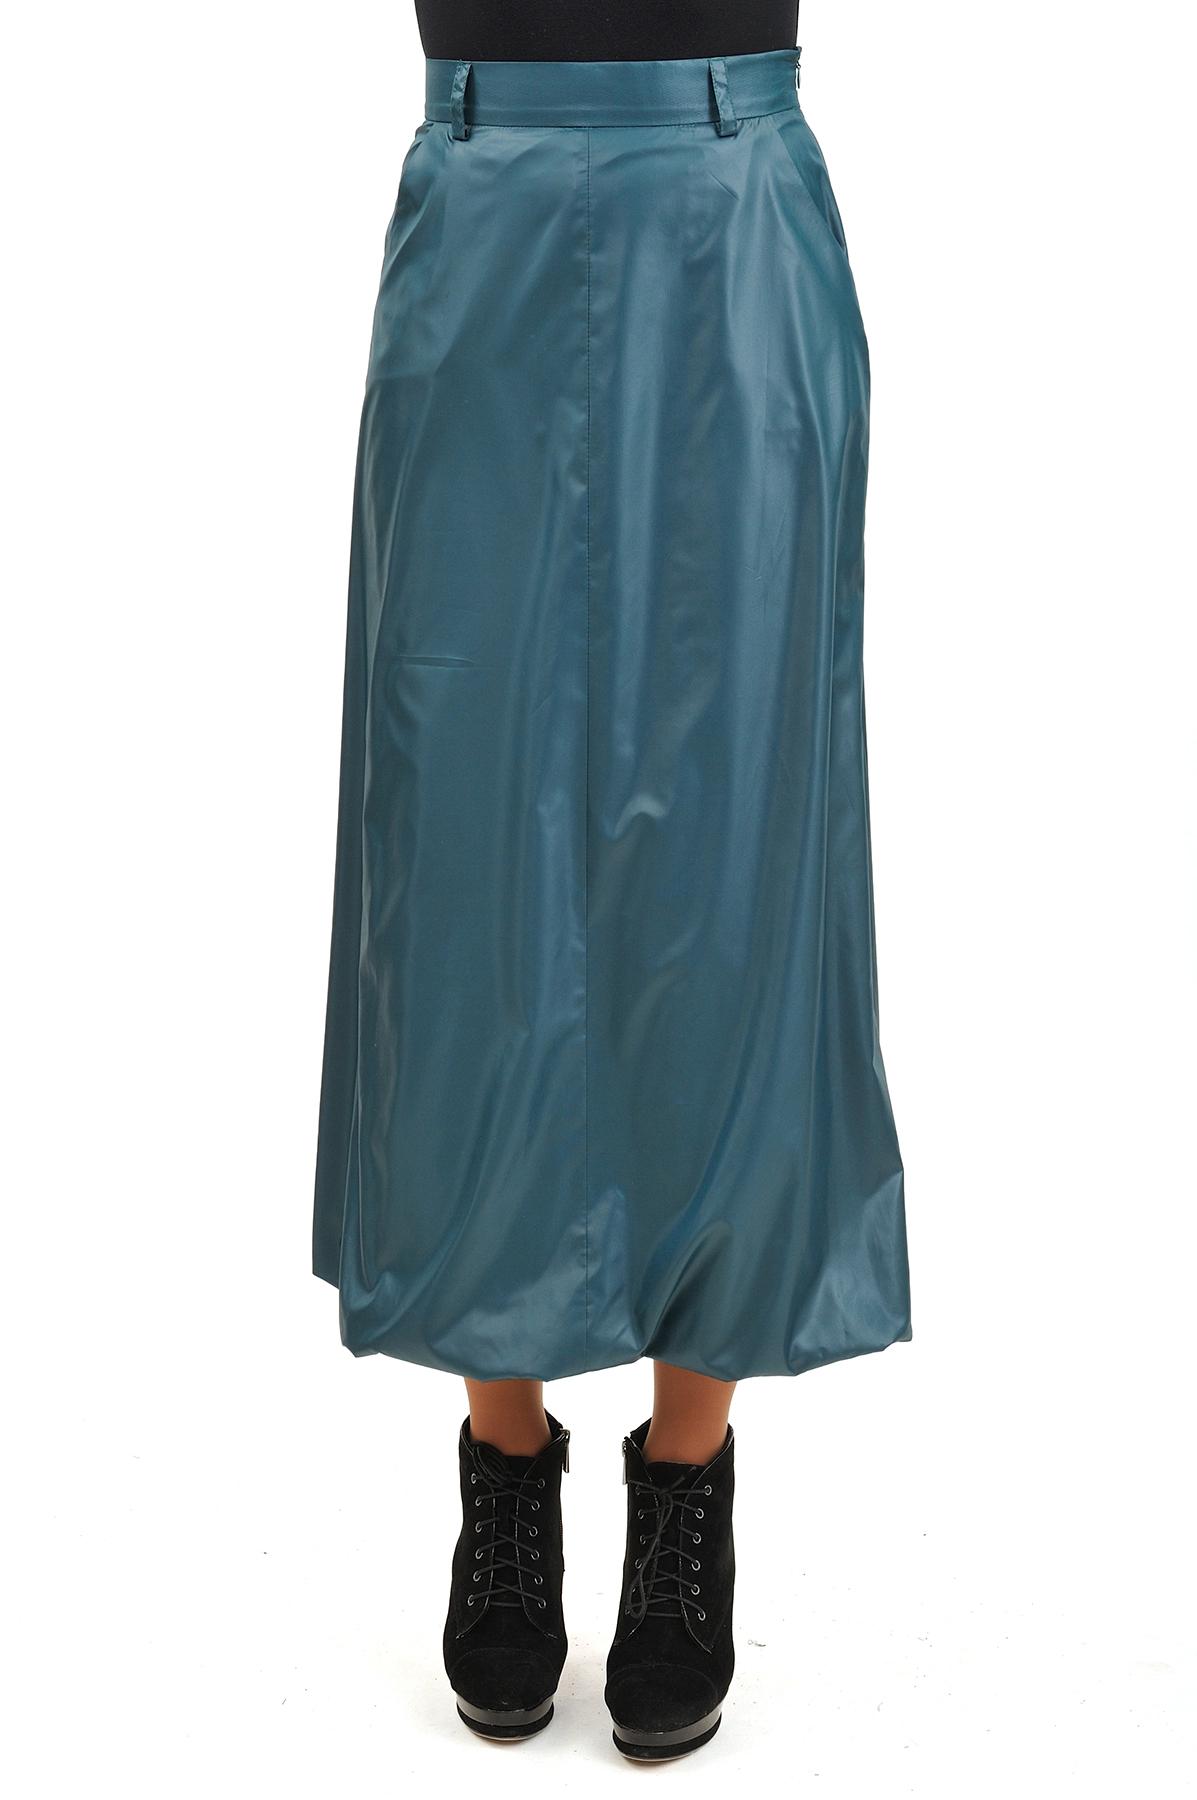 ЮбкаЖенские юбки и брюки<br>Эффектная юбка должна быть в каждом гардеробе и эта модель отвечает всем требованиям современной модницы! Благодаря спокойной однотонной расцветке, юбка превосходно гармонирует с любыми вещами.<br><br>Цвет: зеленый<br>Состав: 100% полиэстер, подкладка: 92% вискоза, 5% лайкра<br>Размер: 42,44,46,48,50,52,54,56<br>Страна дизайна: Россия<br>Страна производства: Россия